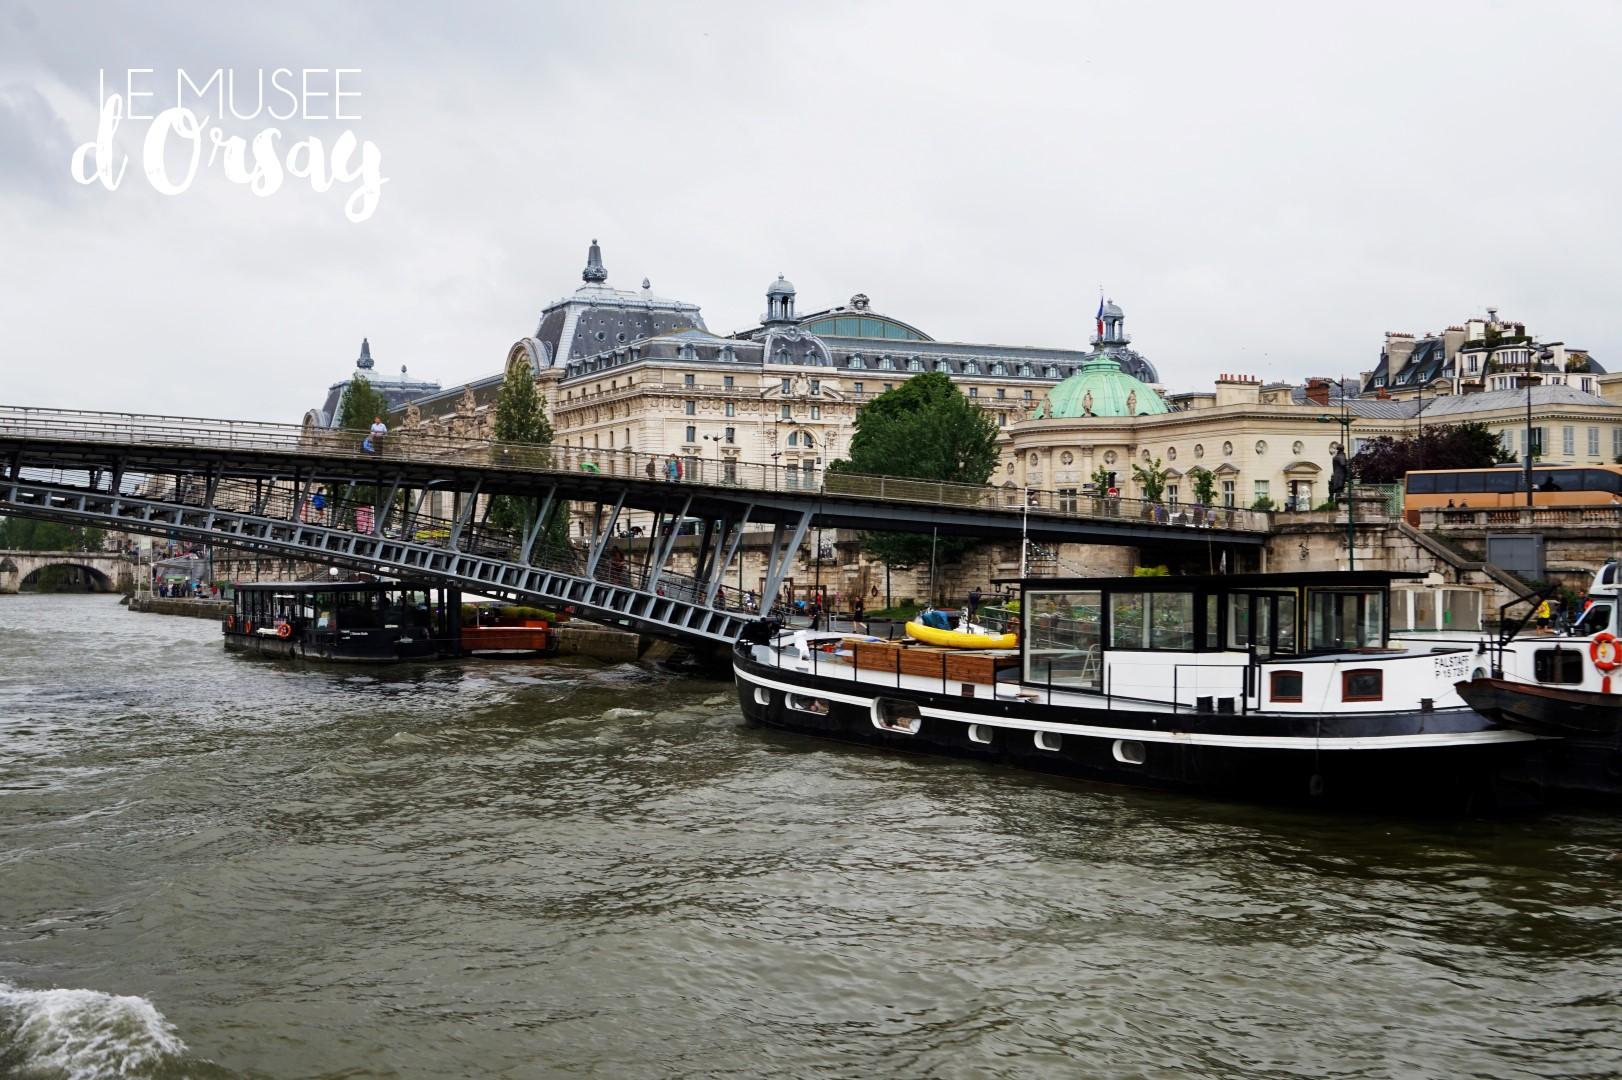 Croisière sur la Seine - Bateaux Parisiens - Musée d'Orsay